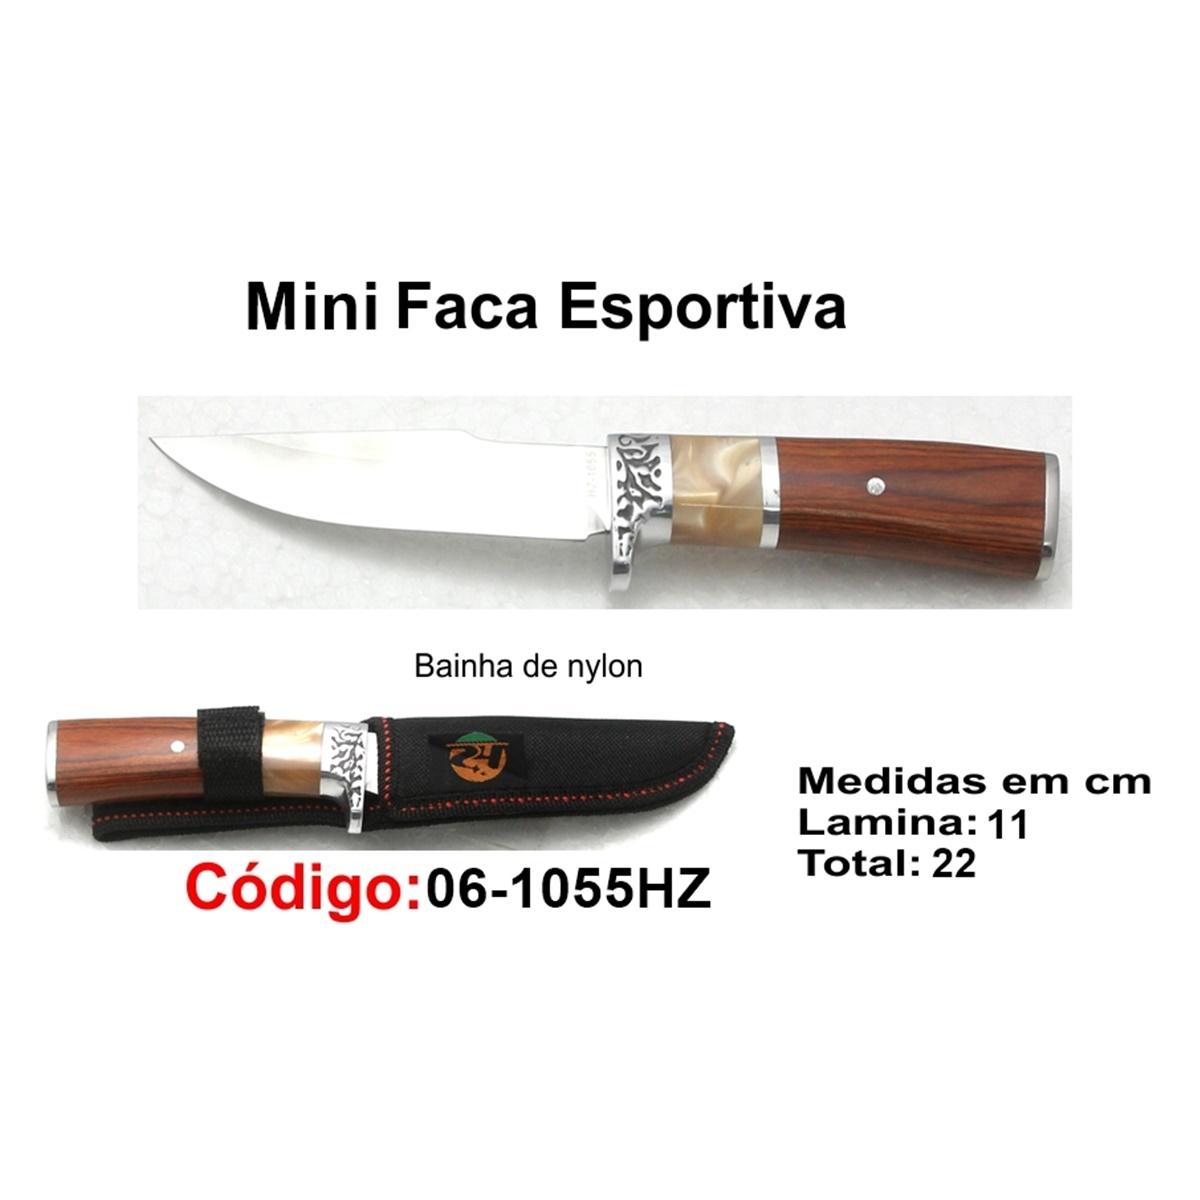 Mini Faca Esportiva Com Bainha Modelo Caça Pesca Etc 06-1055HZ